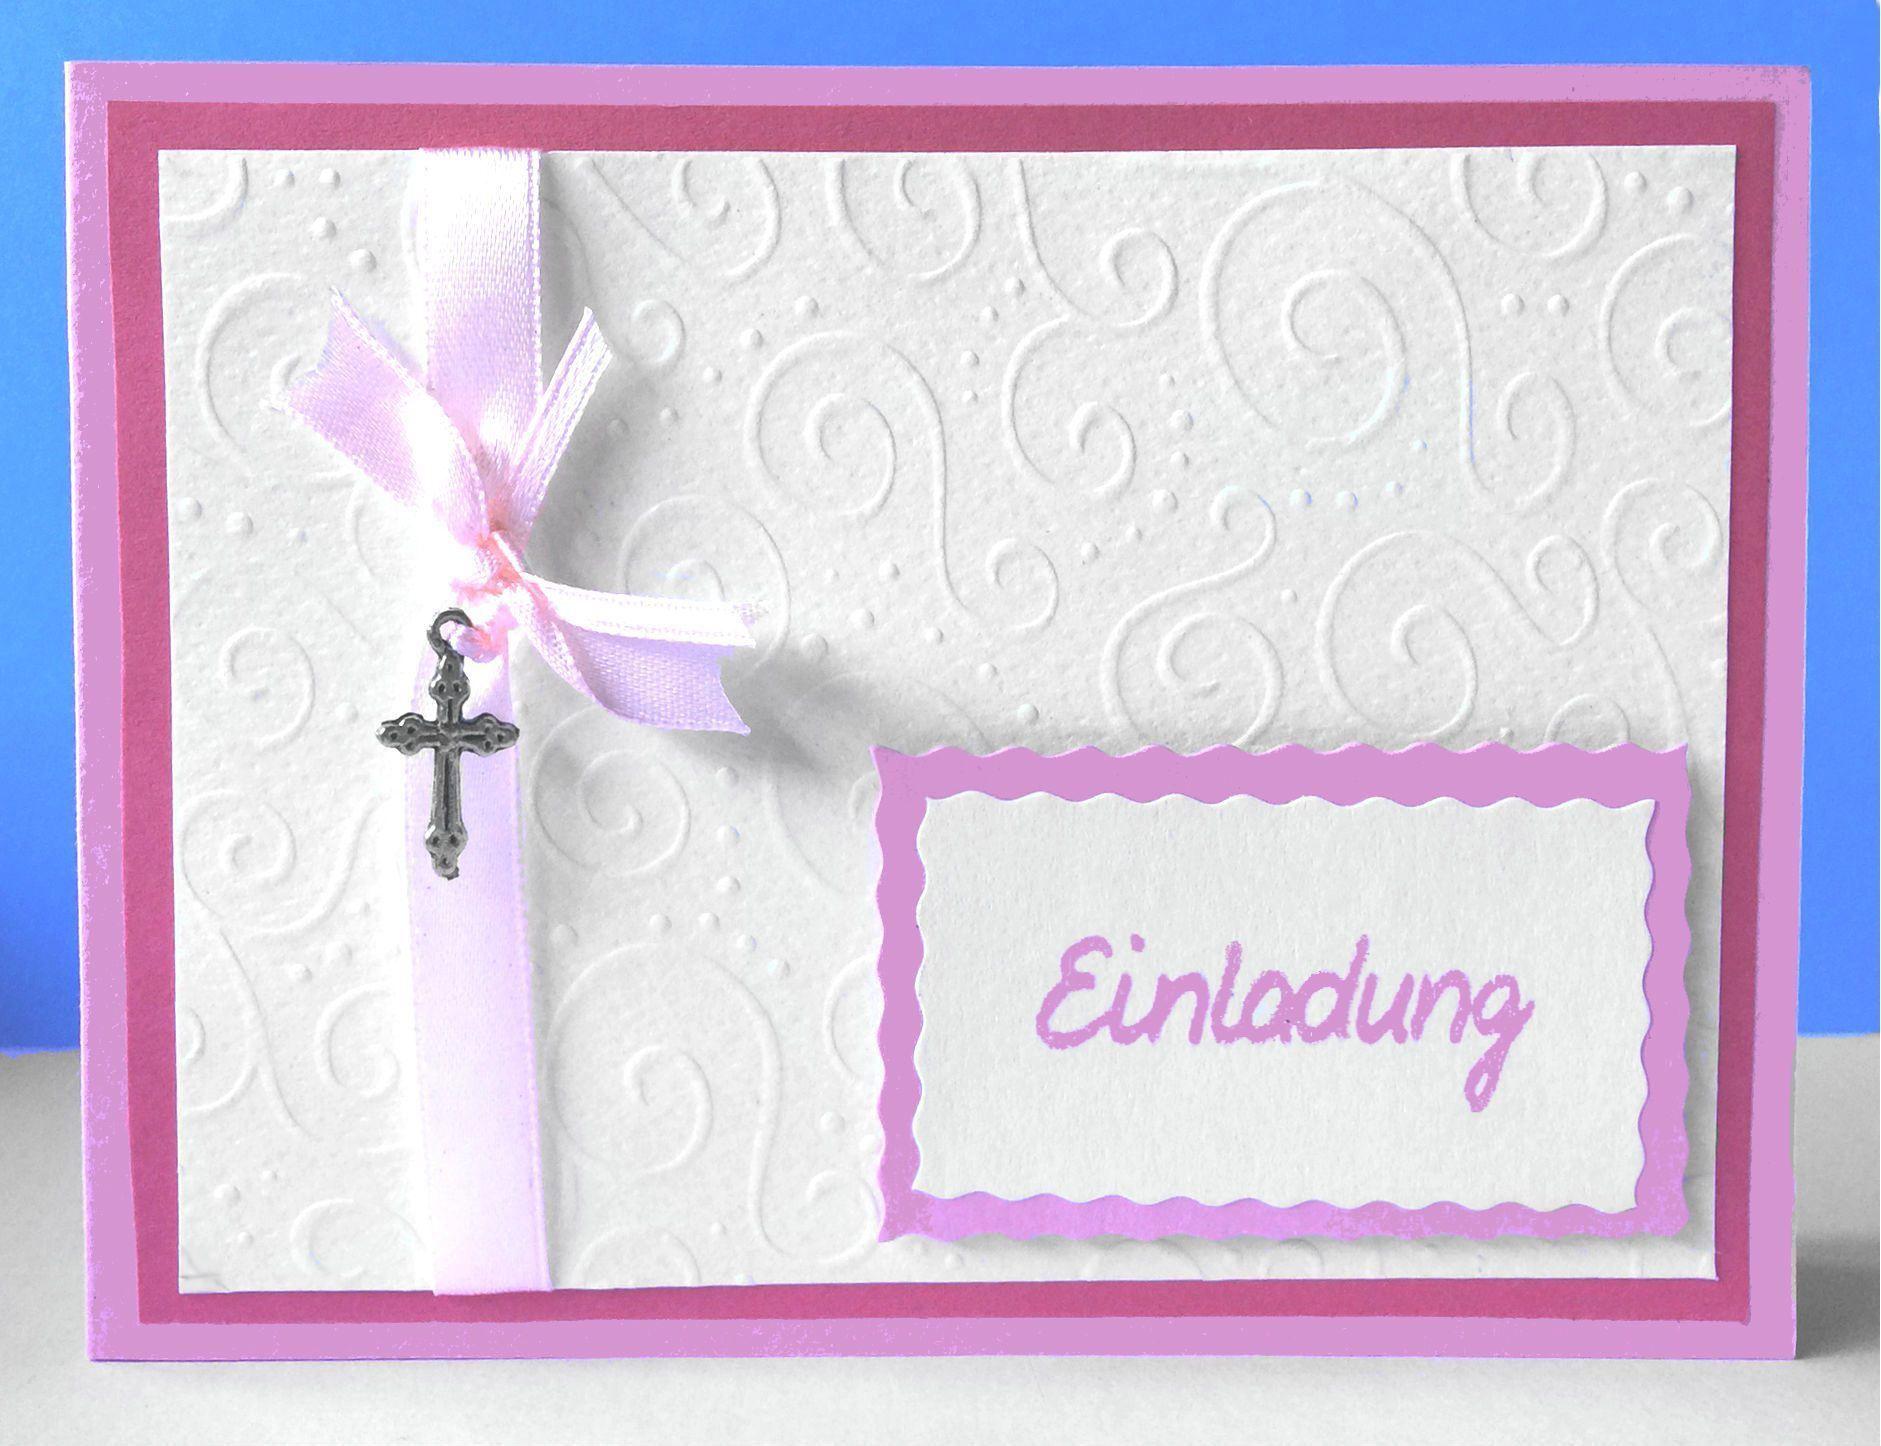 Einladungskarten Hochzeit Selbst Gestalten : Einladungskarten Hochzeit  Selbst Machen   Online Einladungskarten   Online Einladungskarten